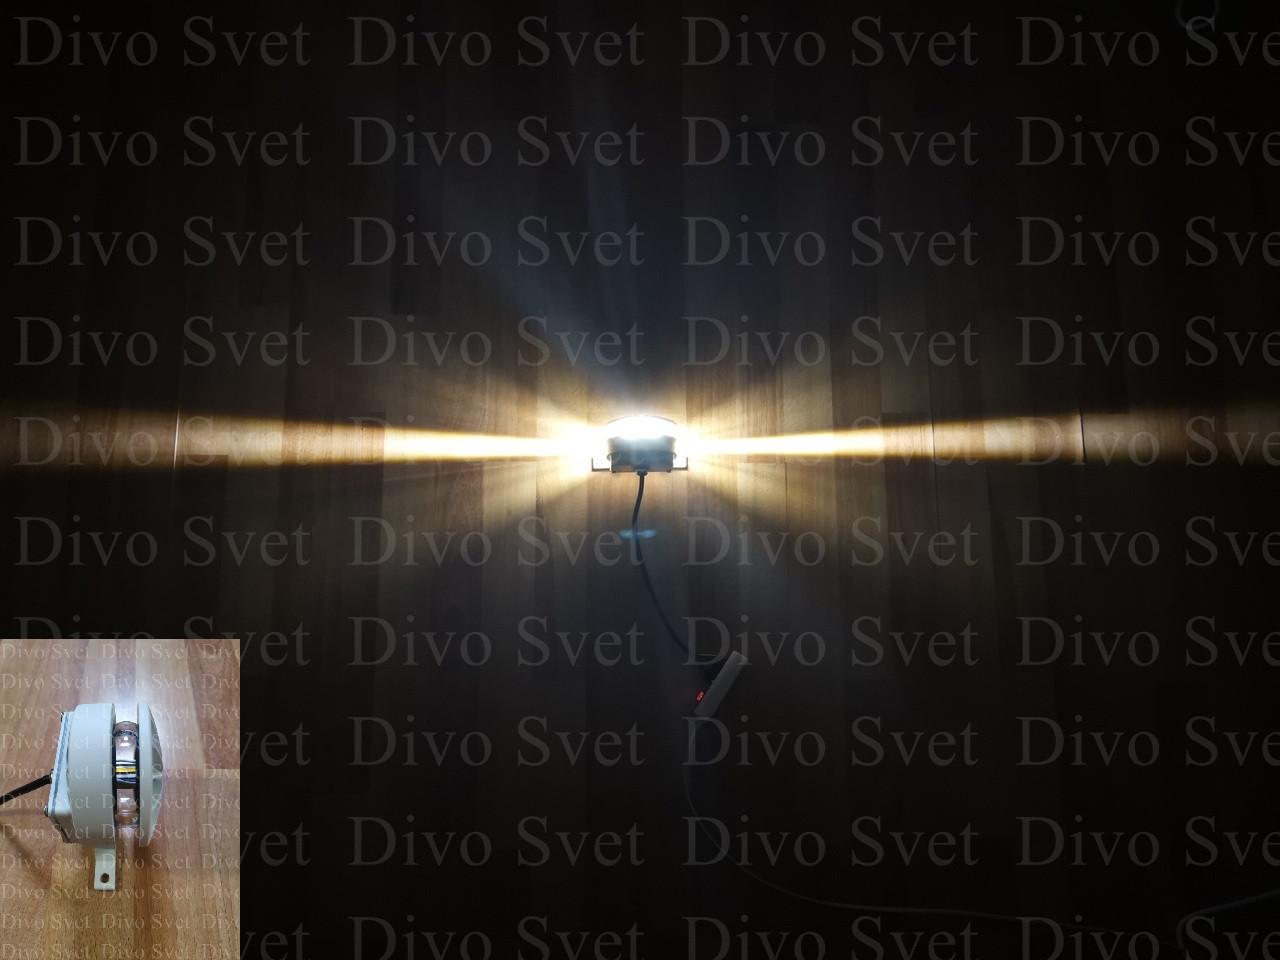 """LED светильник """"Луч 360гр"""" 12 W. Светодиодный архитектурный, фасадный узконаправленный с линзой."""